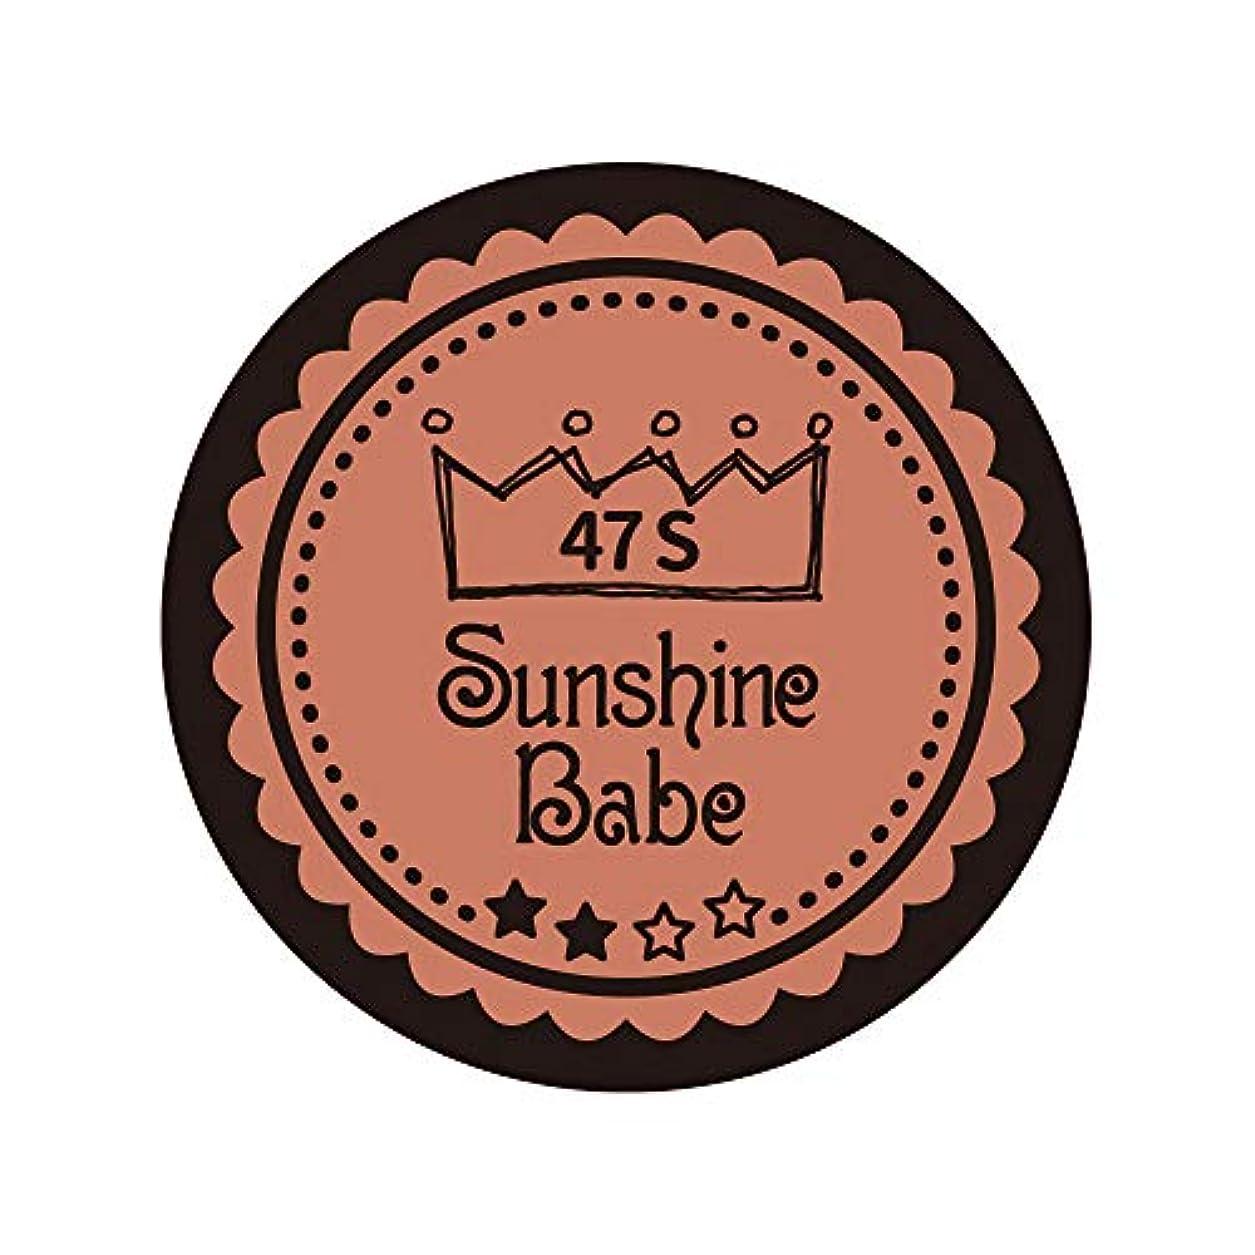 シンカン盲目ヘルメットSunshine Babe カラージェル 47S ピーチブラウン 4g UV/LED対応